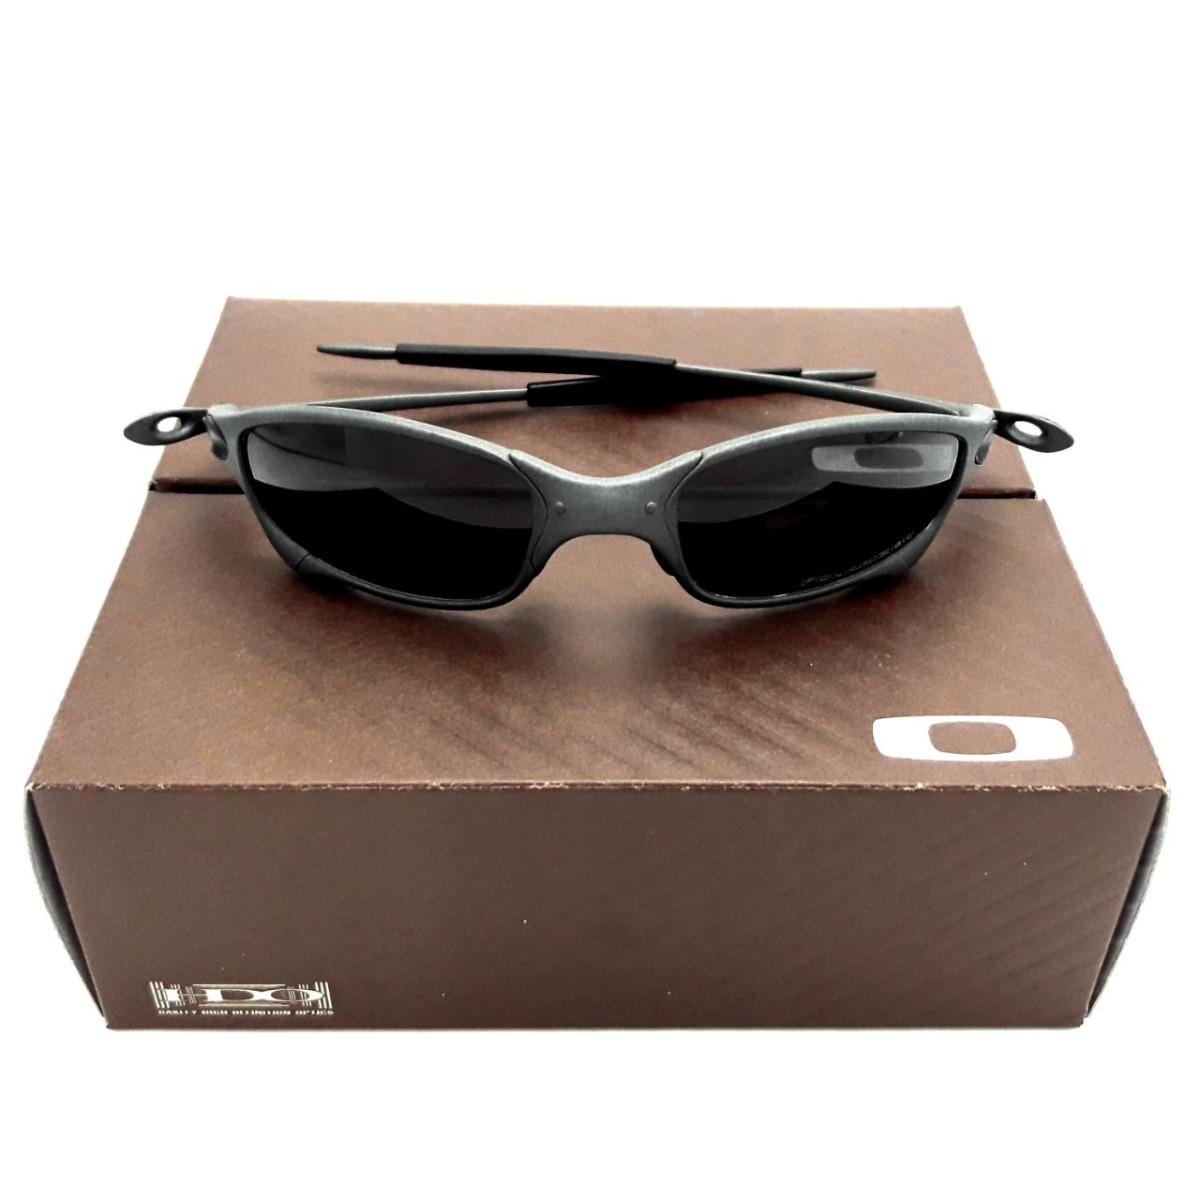 743c0b2462 óculos oakley juliet 100% polarizado super oferta. Carregando zoom.